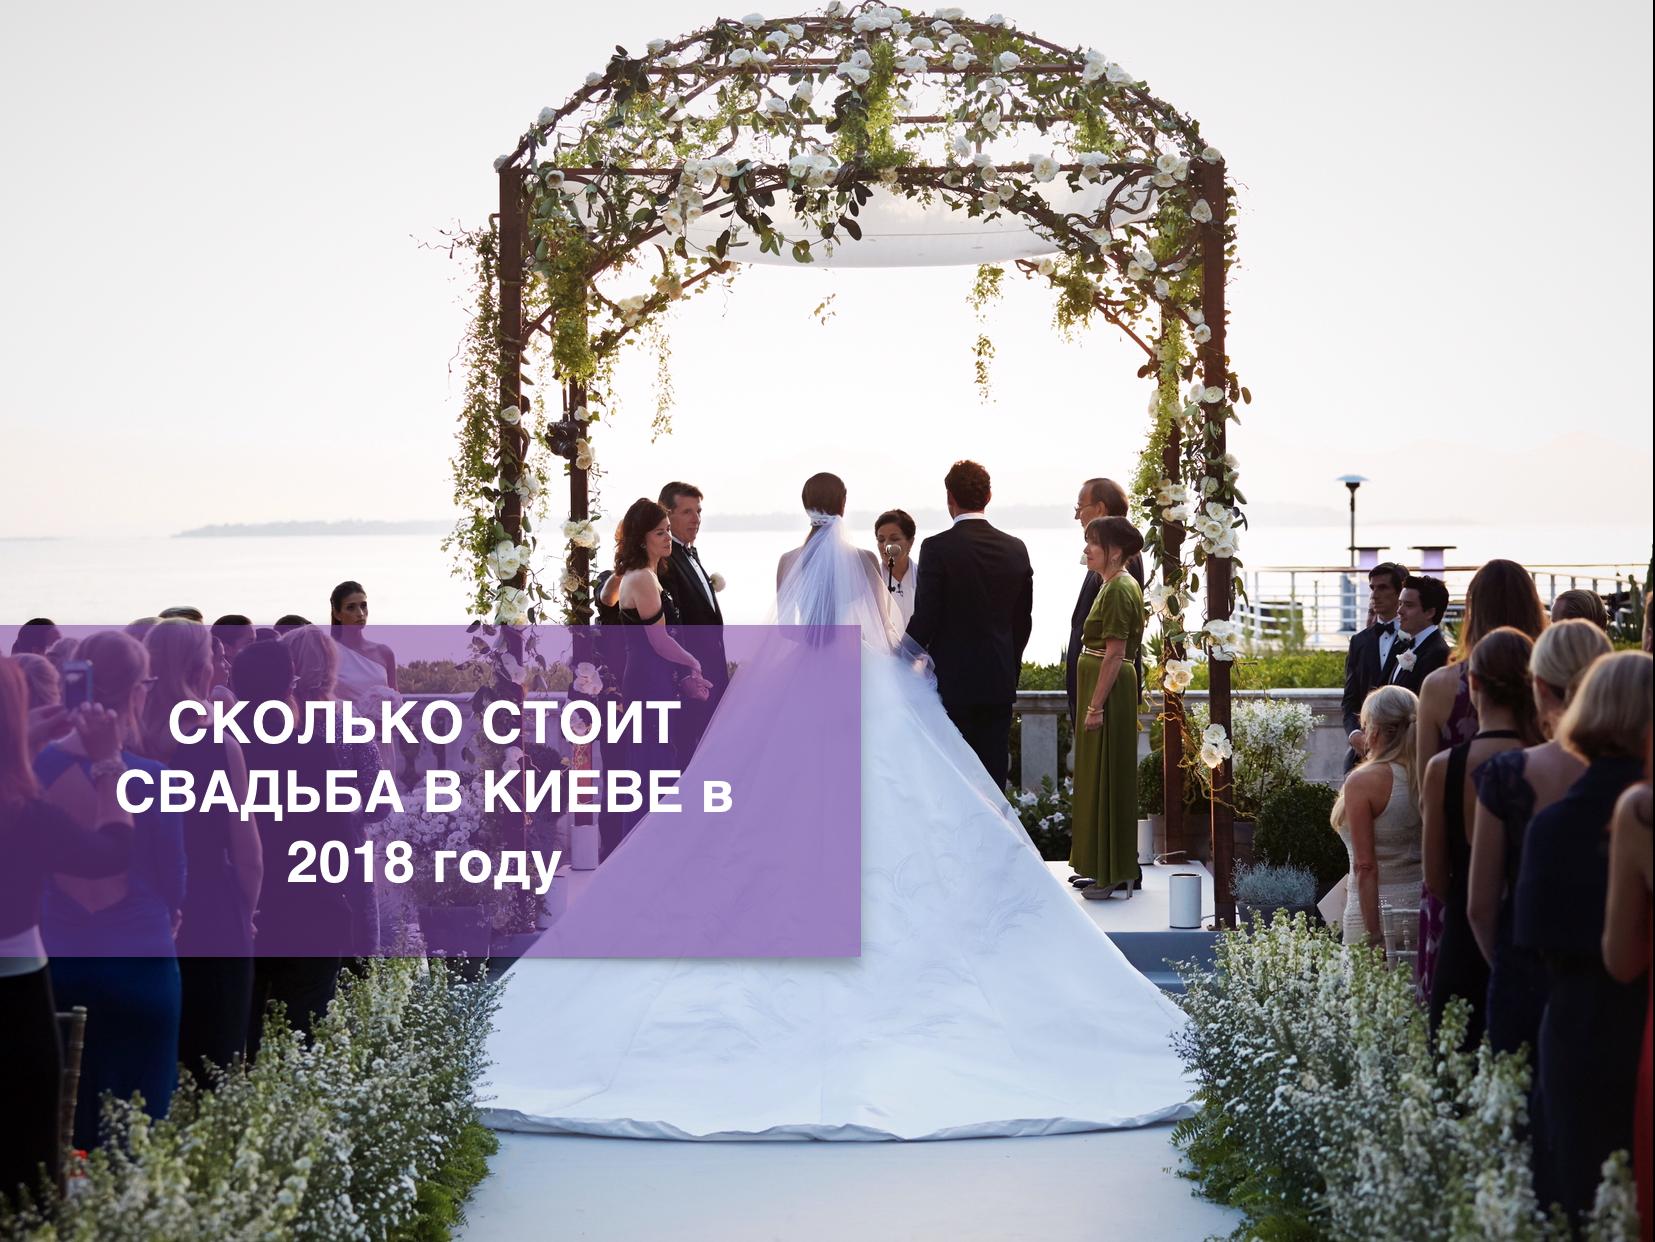 Свадьба в Киеве 2018